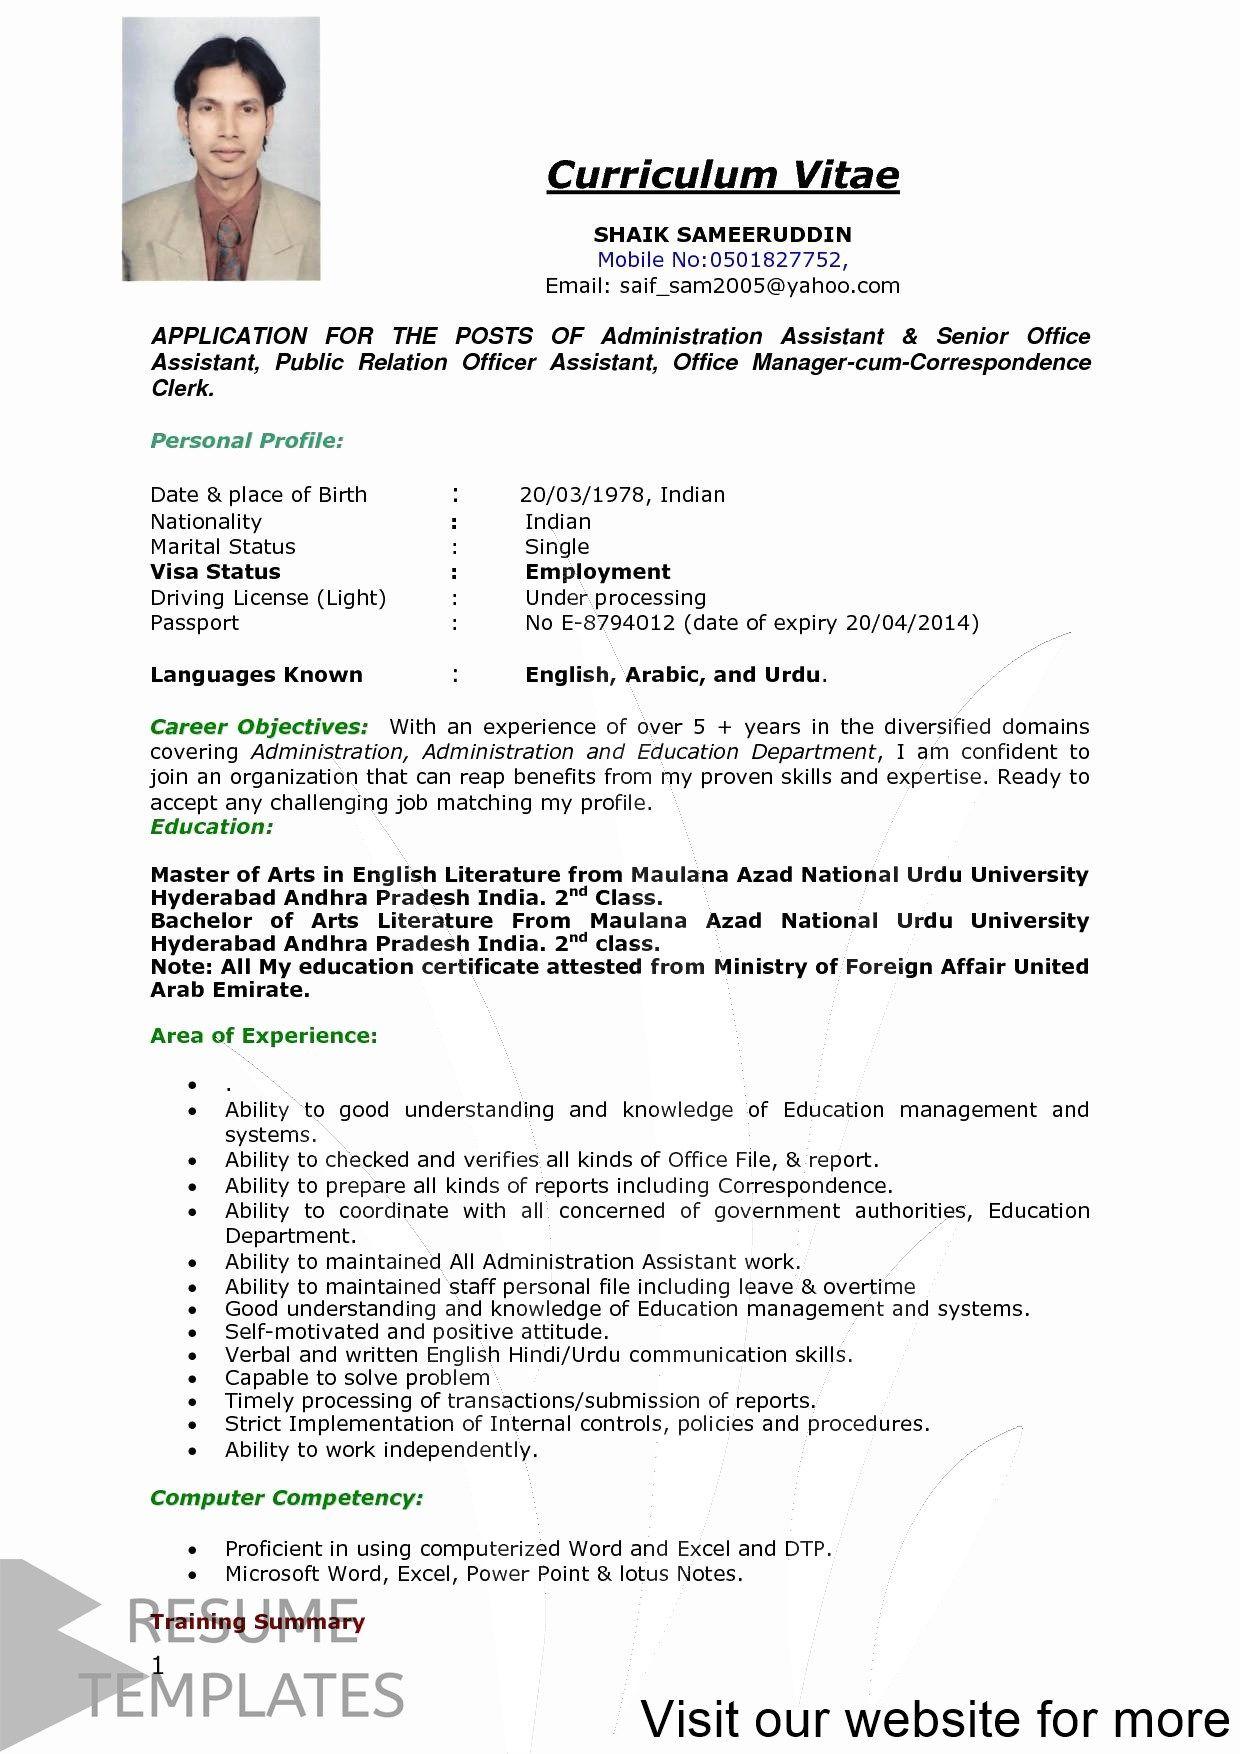 Resume Template Free Resume Template Professional Resume Examples Simple Resume Examples Career Cover Letter E In 2020 Apply Job Teacher Resume Examples Job Resume